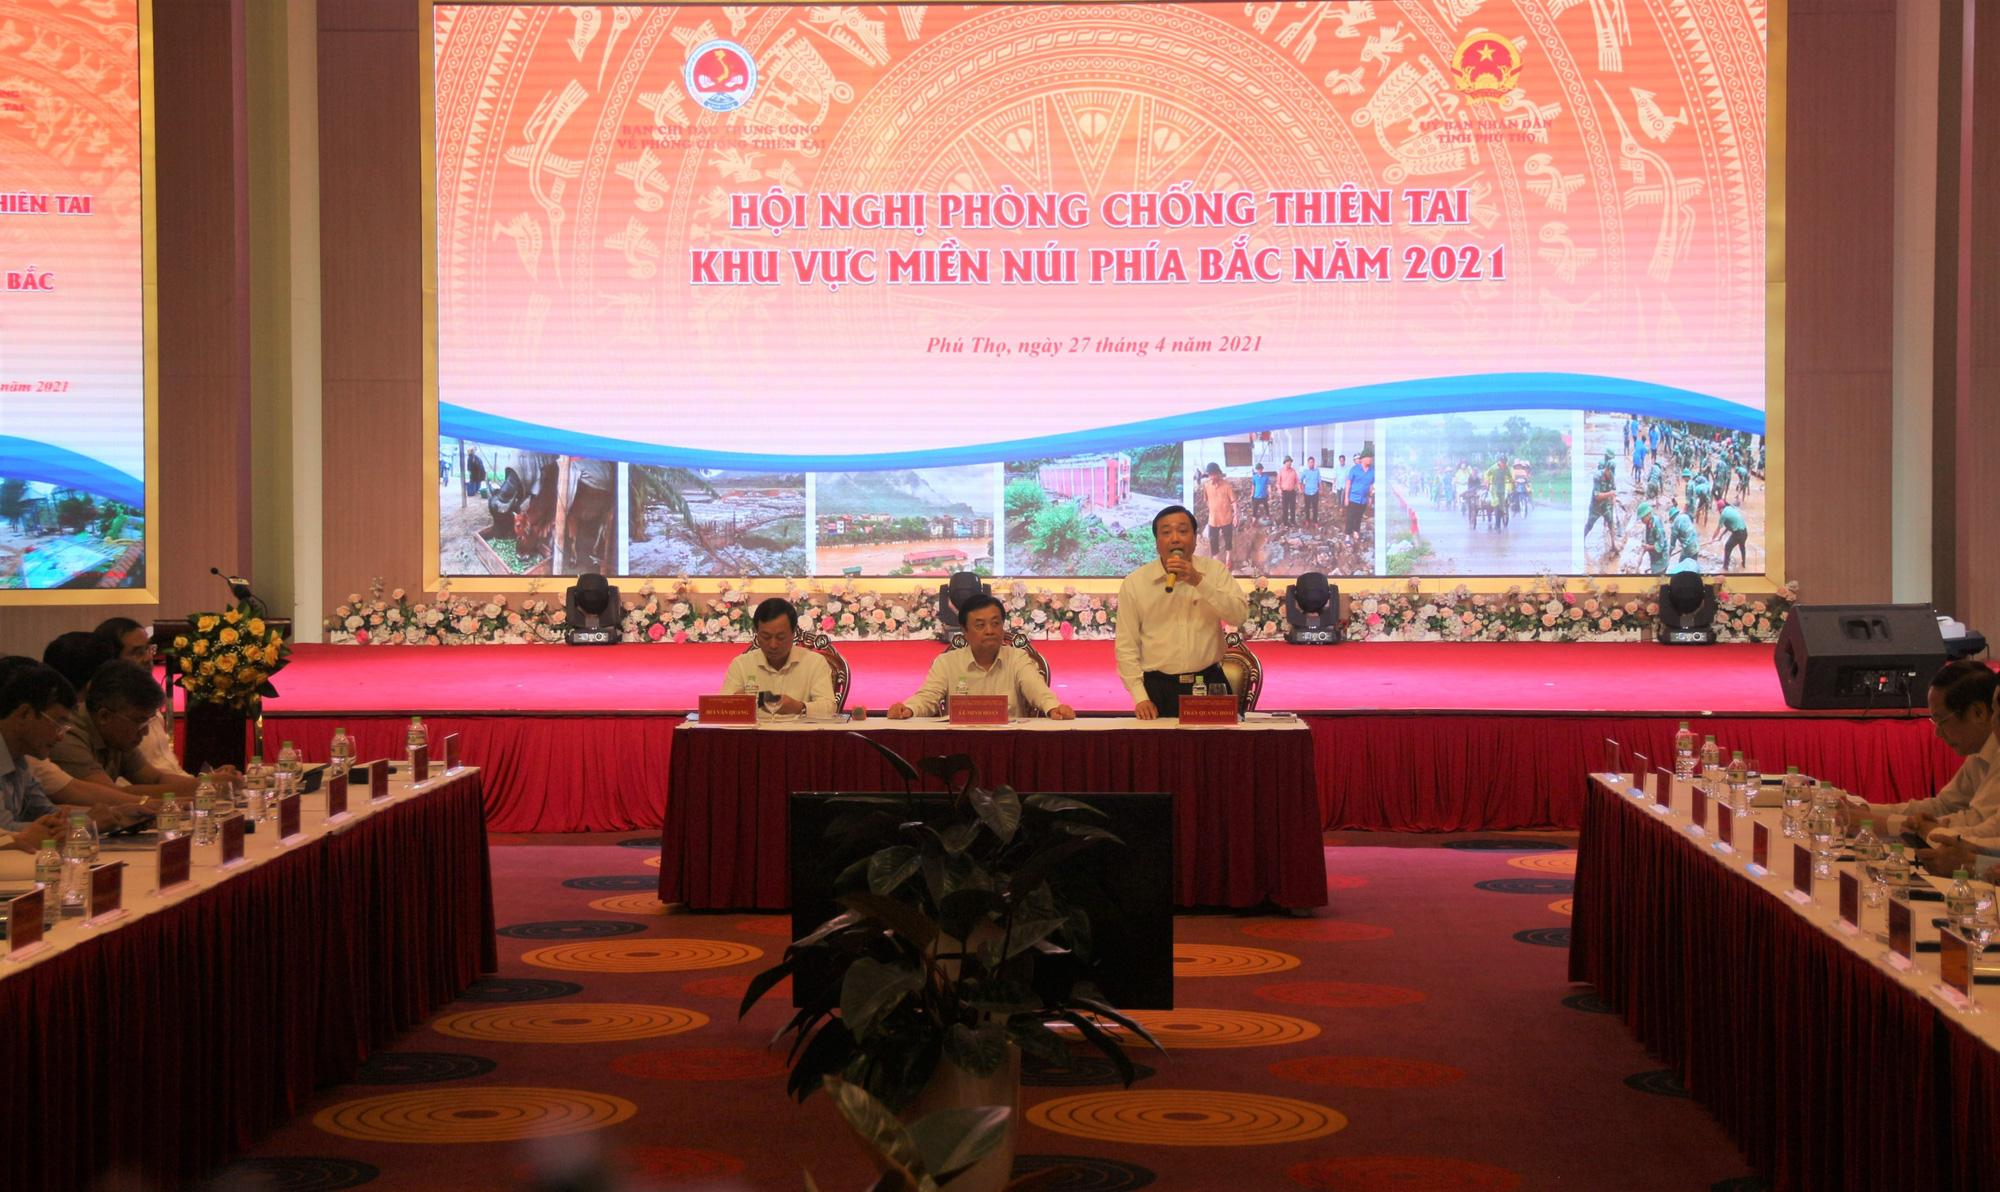 Bộ trưởng Bộ NNPTNT Lê Minh Hoan: Đừng thỏa mãn nhu cầu thế hệ hôm nay mà đánh mất - Ảnh 2.